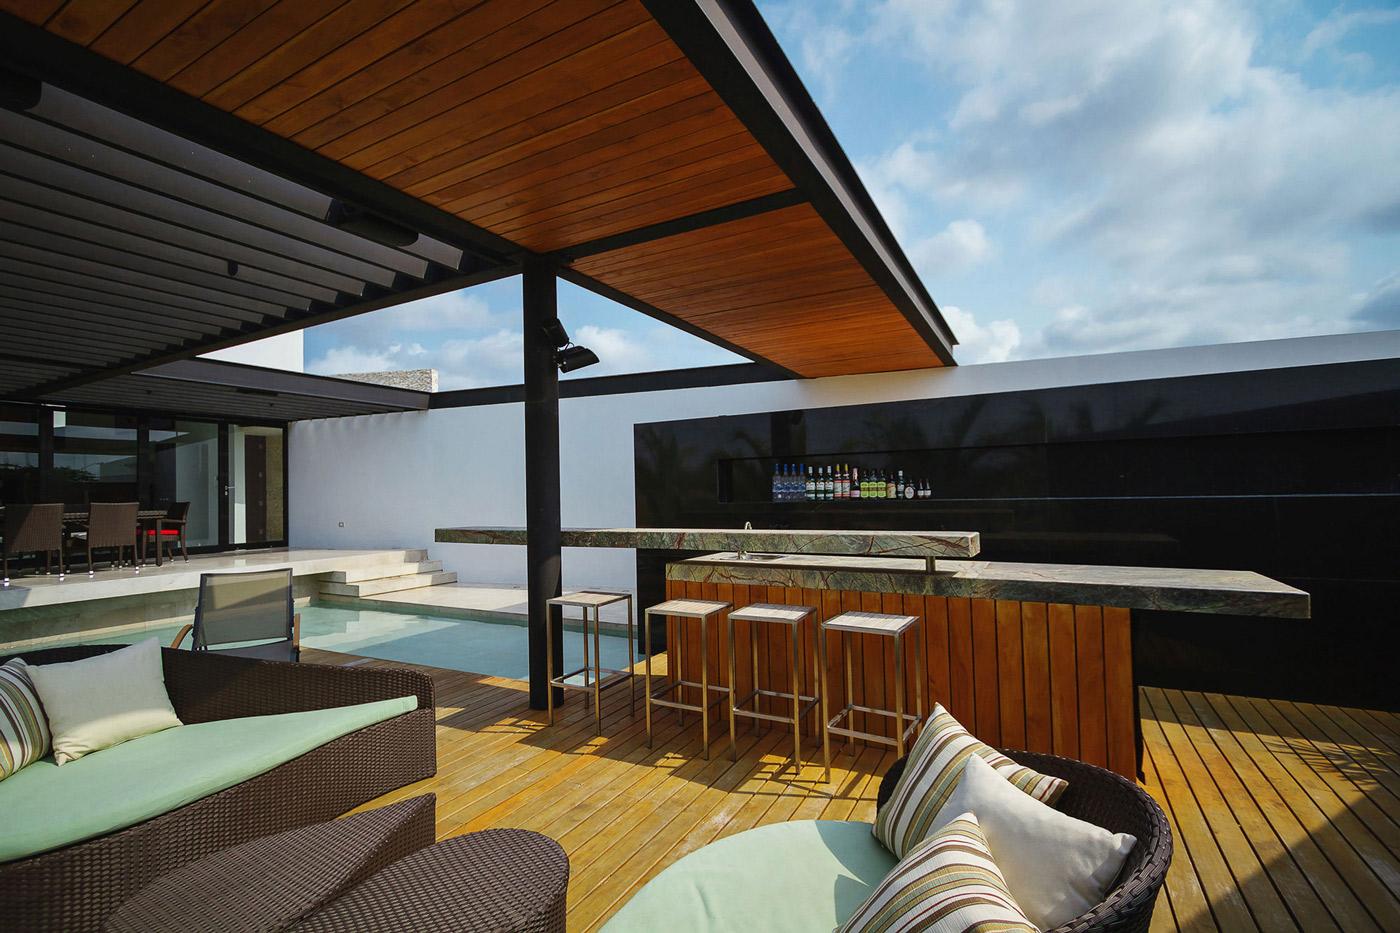 Captivating House Exterior Design